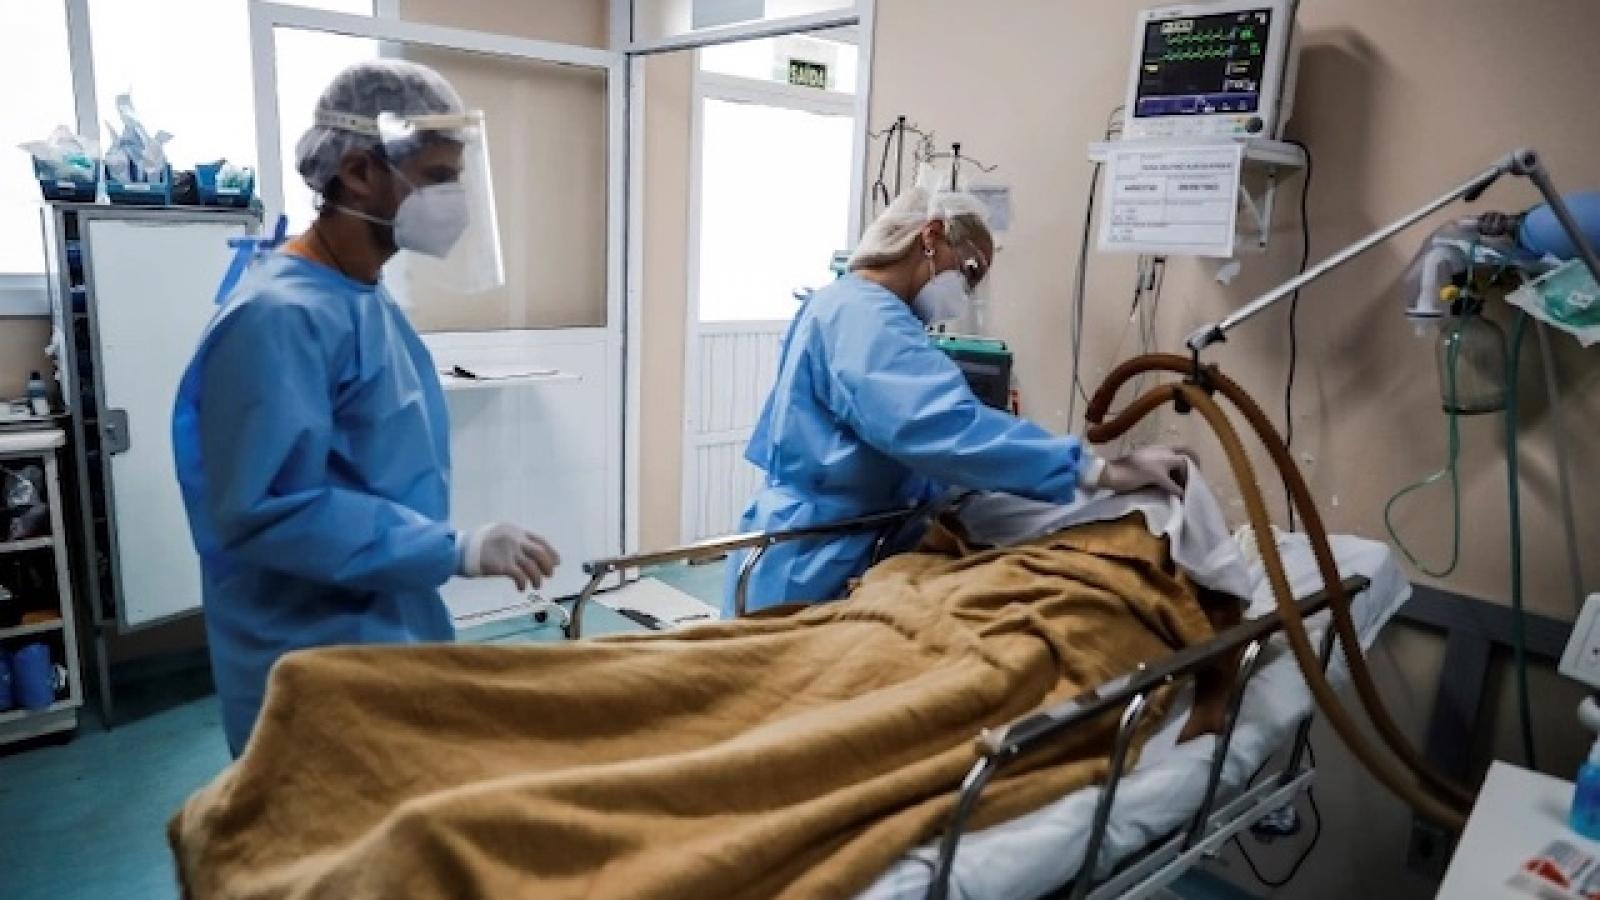 Brazilghi nhận số người chết hàng ngày cao nhất kể từ khi bắt đầu đại dịch Covid-19